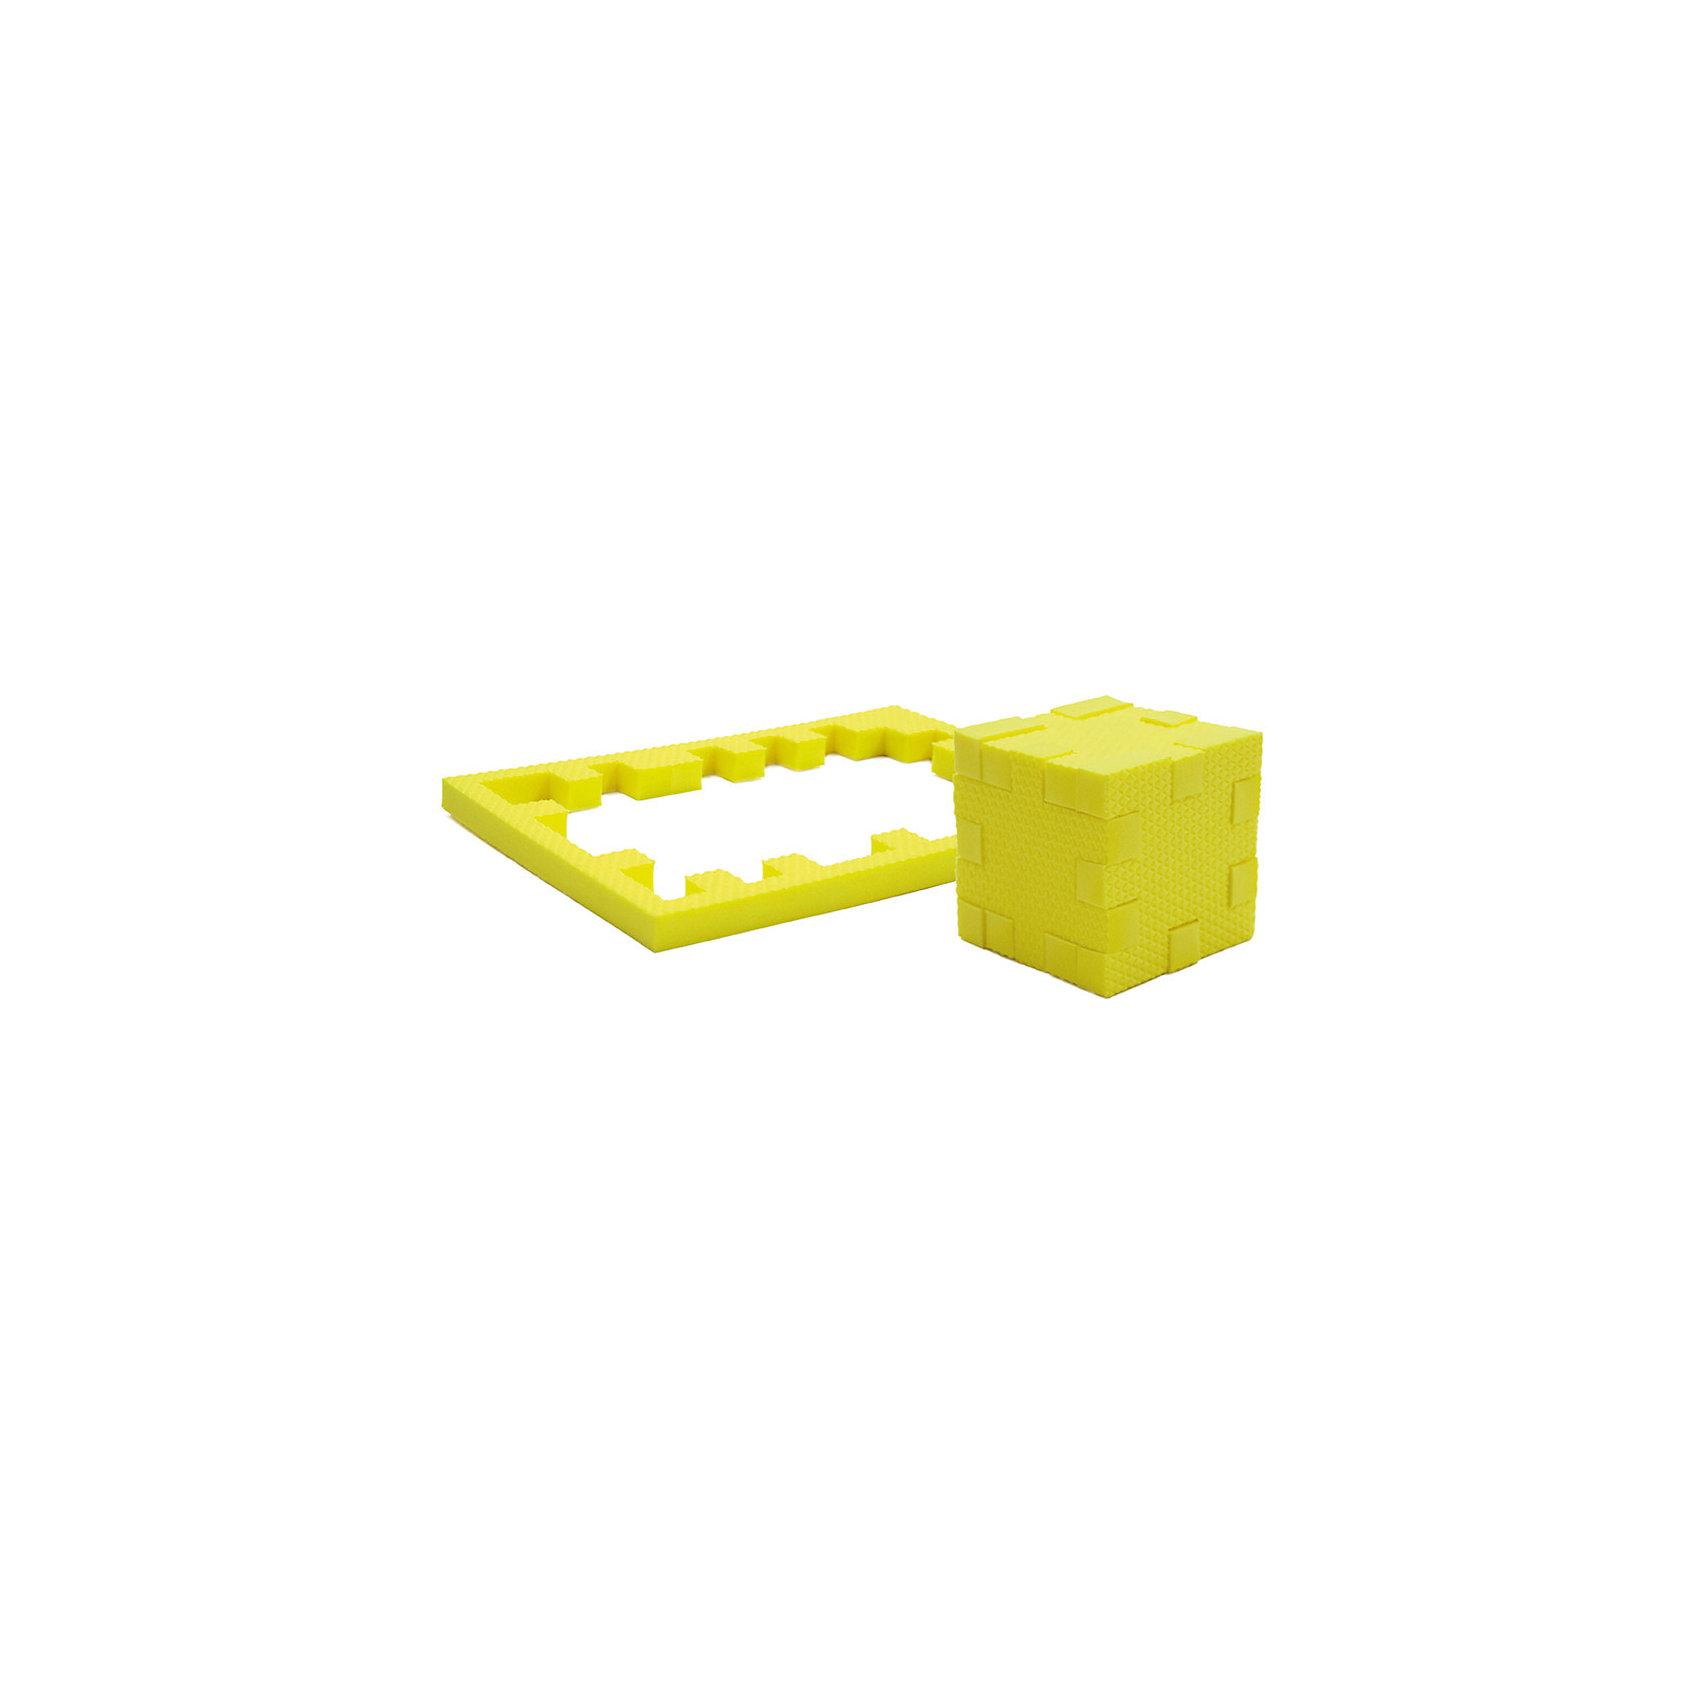 Пазл-конструктор Цитрин, PicnMixЦитрин - уникальный пазл-конструктор из серии Кубикформ от PicnMix, который поможет развить логику, мелкую моторику и пространственное восприятие. Ребенок сможет собрать пазл, кубик и различные геометрические фигуры. Для начала можно следовать инструкции, а узнав, как устроен чудо-пазл, придумать свои собственные творения. Кроме того, с конструктором Цитрин можно смело играть в воде. <br>Пазл-конструктор Цитрин - замечательный подарок для юных строителей!<br><br>Дополнительная информация:<br>Цвет: желтый<br>Материал: ЭВА(вспененный полимер)<br>Размер упаковки: 21,5х1,5х15,5 см<br>Вес: 45 грамм<br><br>Пазл-конструктор Цитрин от PicnMix можно приобрести в нашем интернет-магазине.<br><br>Ширина мм: 215<br>Глубина мм: 15<br>Высота мм: 160<br>Вес г: 50<br>Возраст от месяцев: 36<br>Возраст до месяцев: 60<br>Пол: Унисекс<br>Возраст: Детский<br>SKU: 5008783